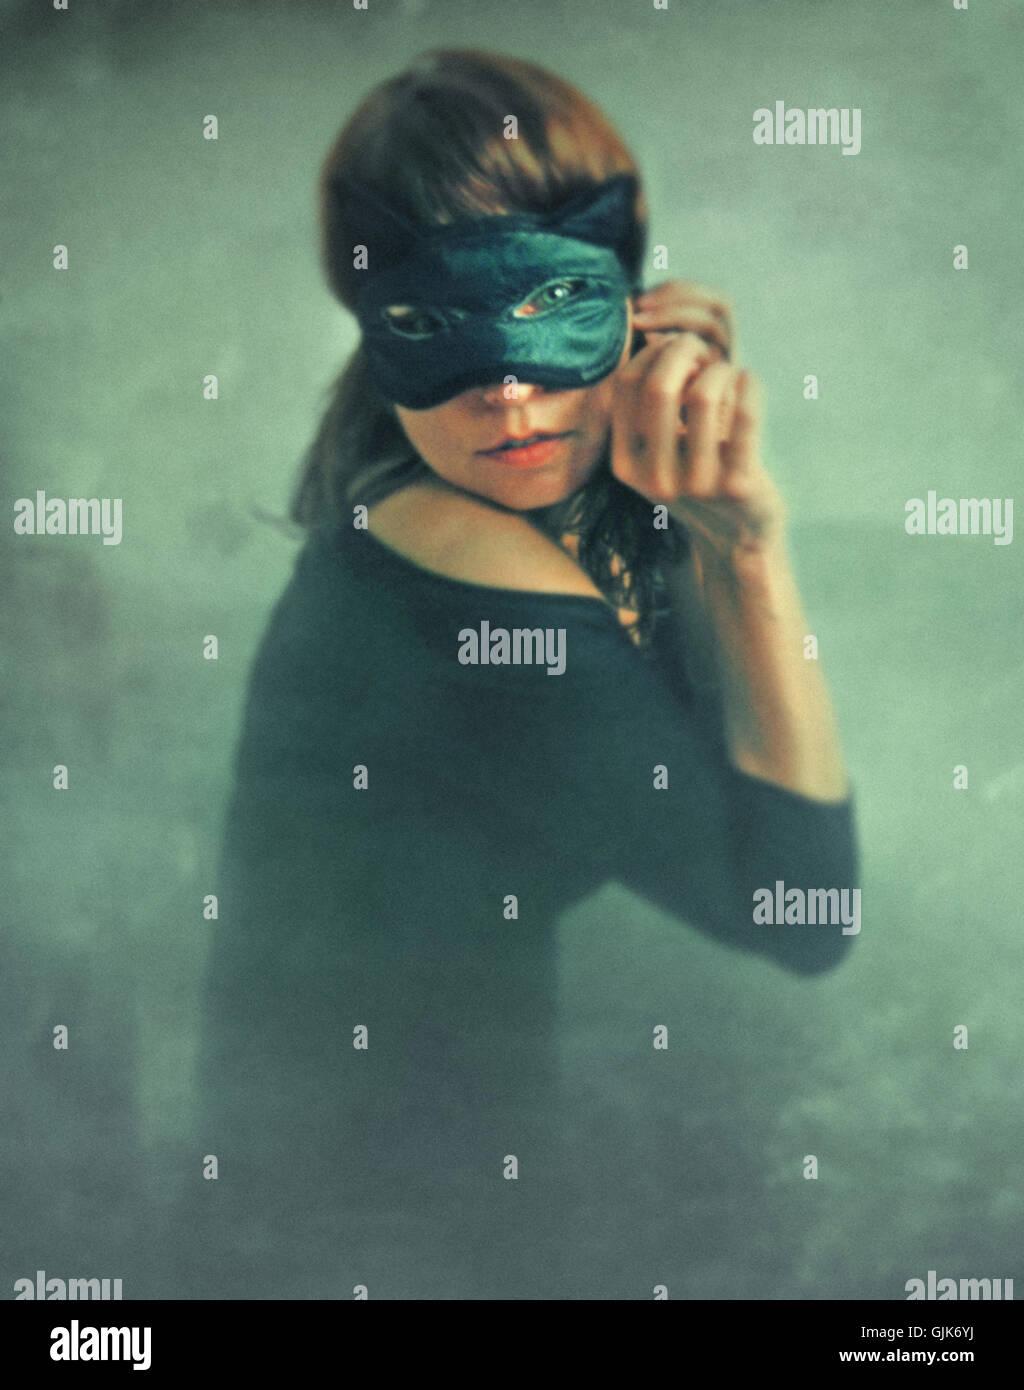 Misteriosa joven vistiendo negro cat máscara sobre su cara Imagen De Stock